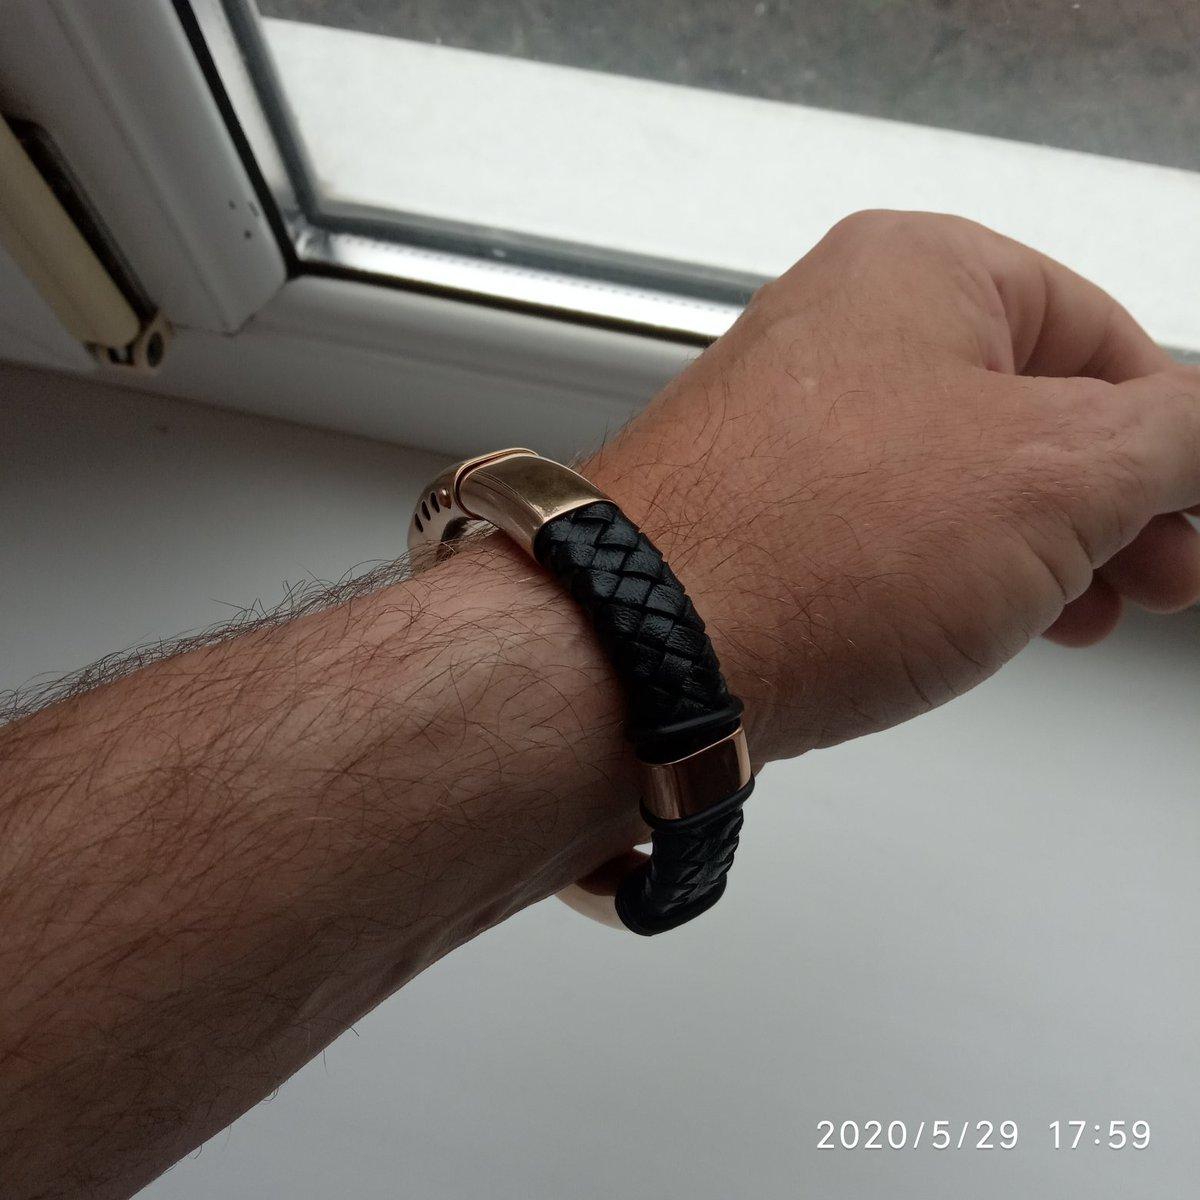 Кожаный браслет просто отличный,  смотрится дорого и богато...